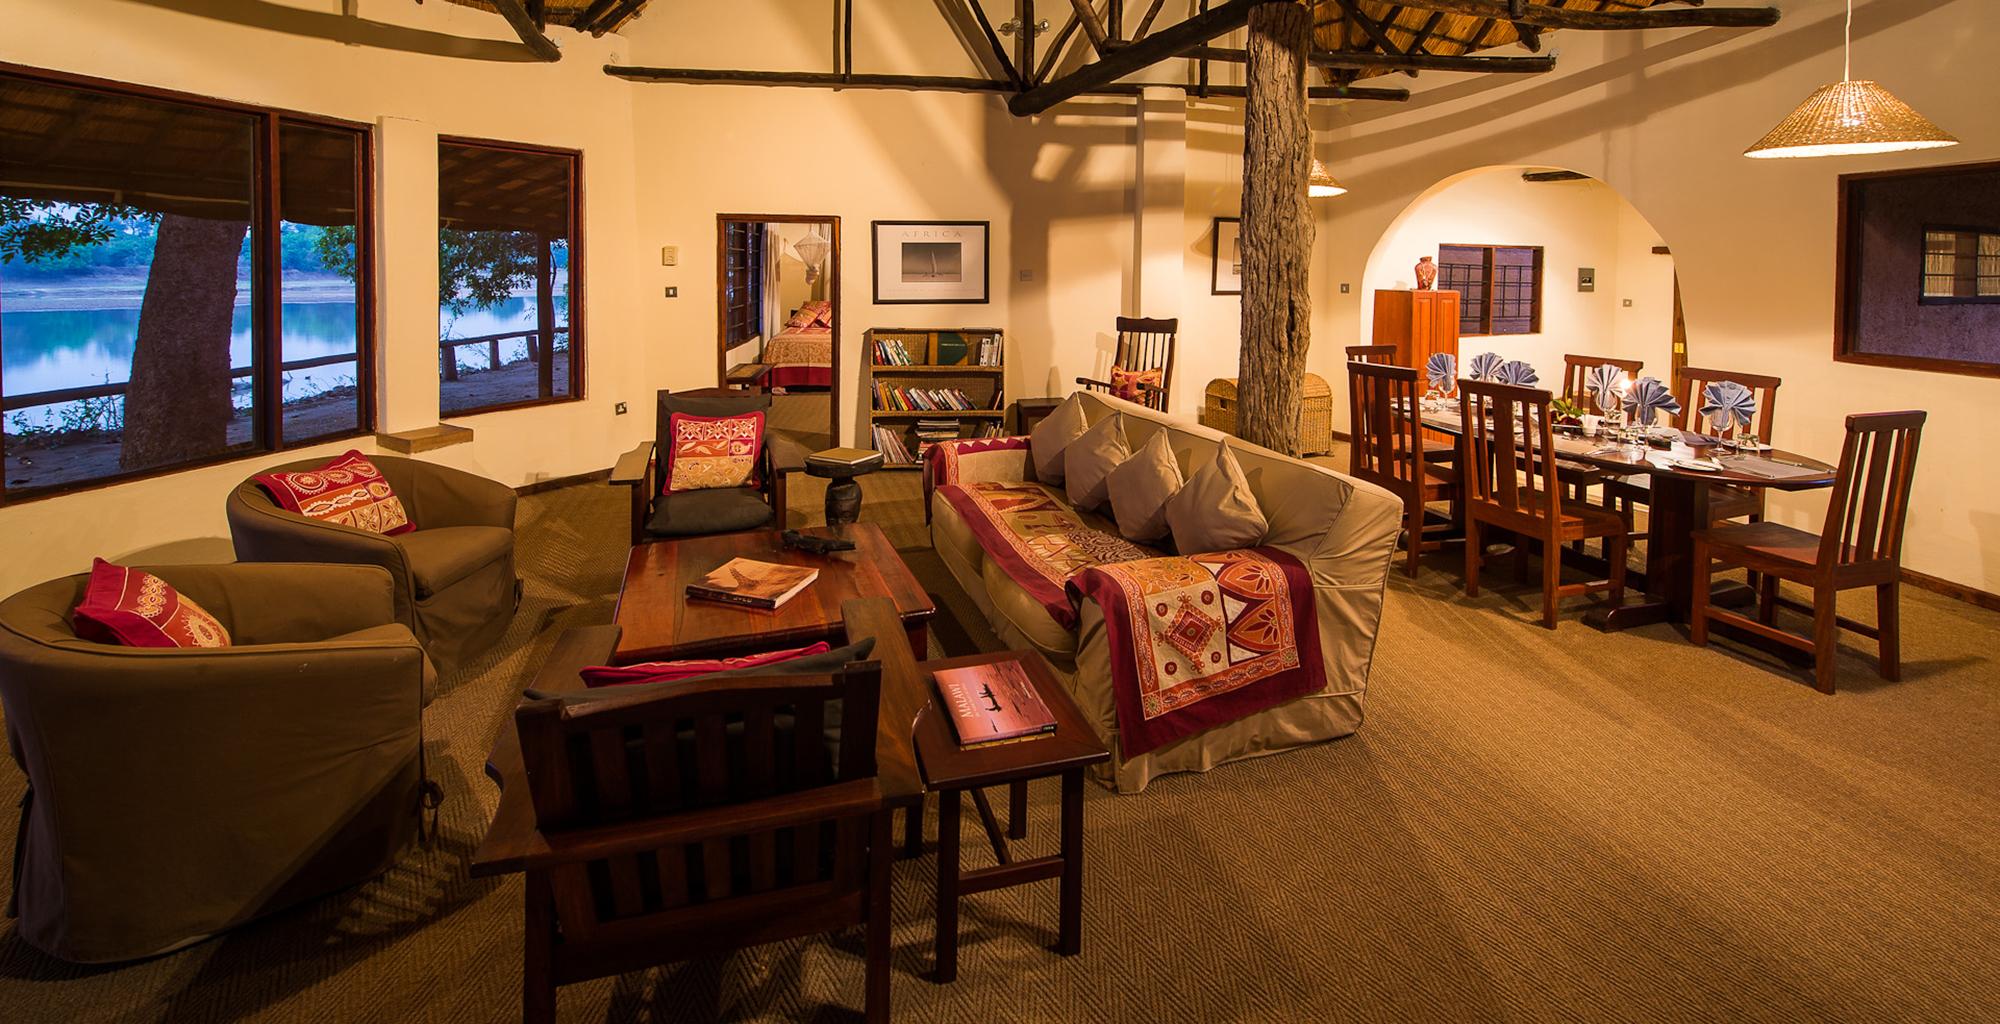 Zambia-Robins-House-Lounge